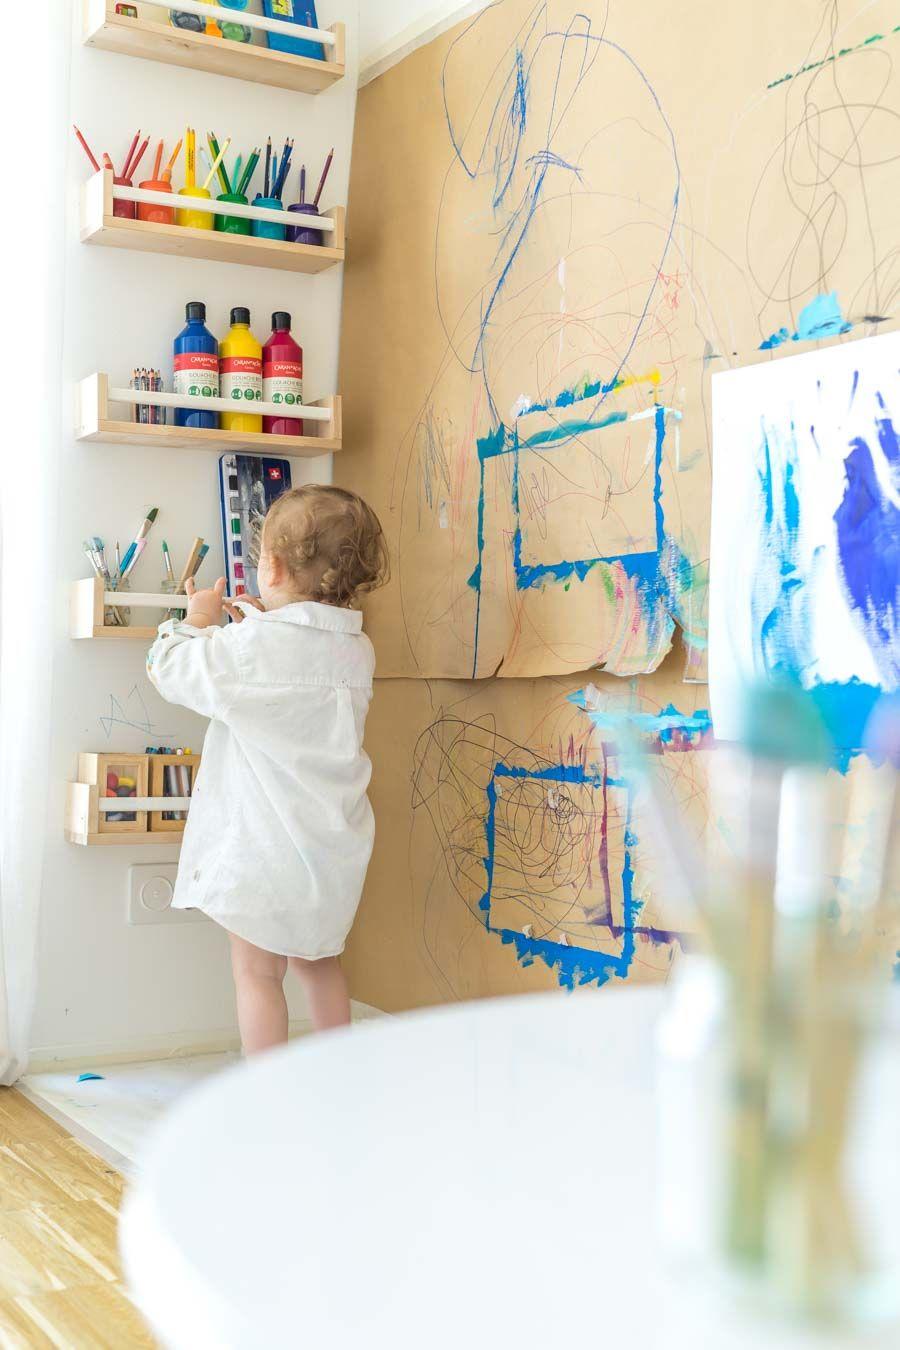 Kreativecke und Malwand für mehrere Kinder: Malen im Kinderzimmer (Yep, das sind diese IKEA-Gewürzdinger)